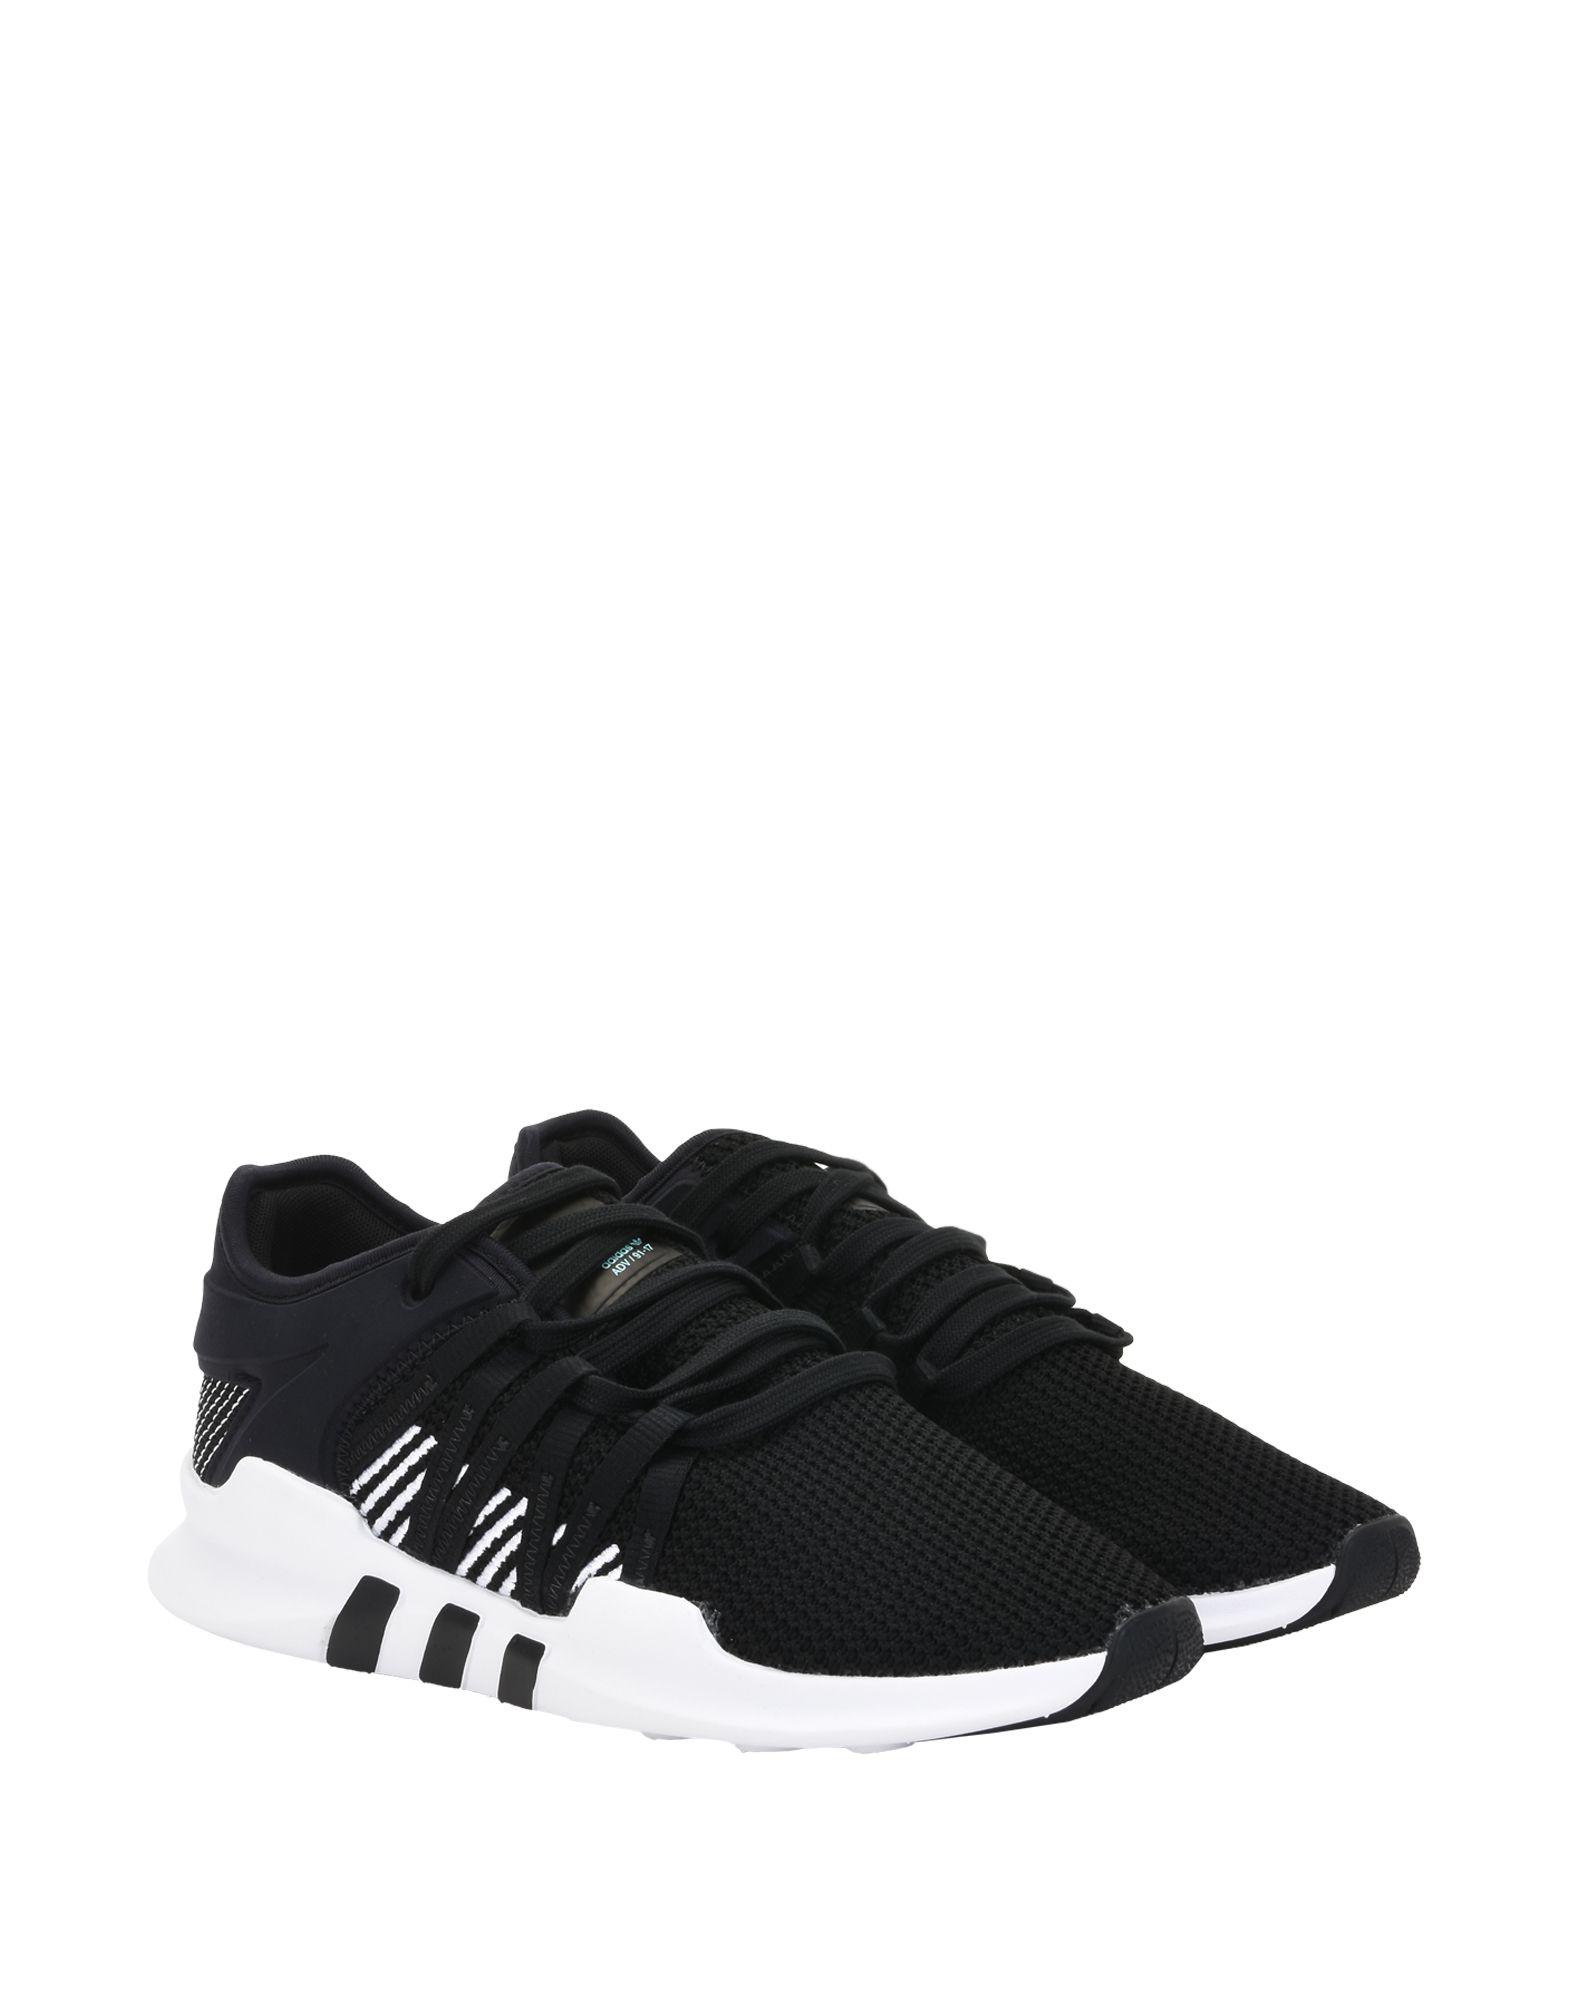 Adidas Originals Eqt Racing Adv W  Schuhe 11334447FQ Gute Qualität beliebte Schuhe  ee24d8